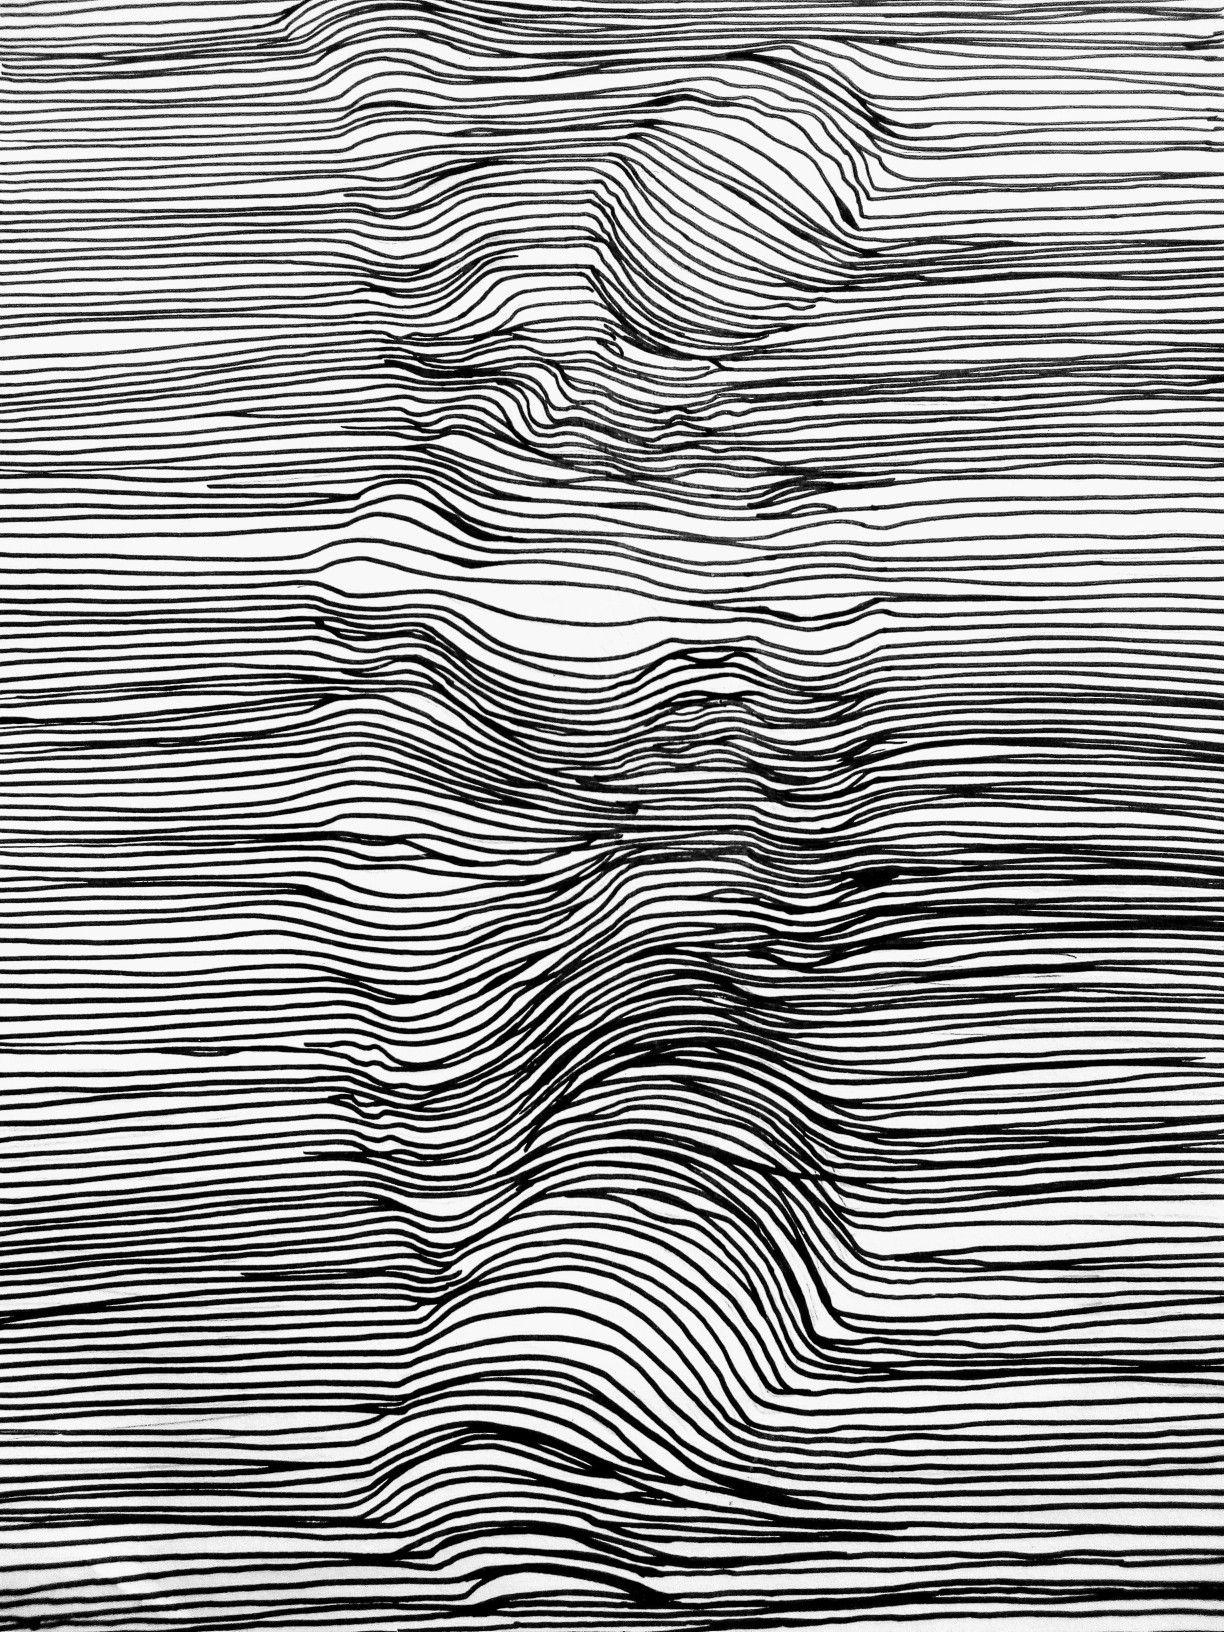 Thelissa (Mit Bildern) | Zeichnen, Selber Machen ganzes Optische Täuschungen Zum Selber Machen